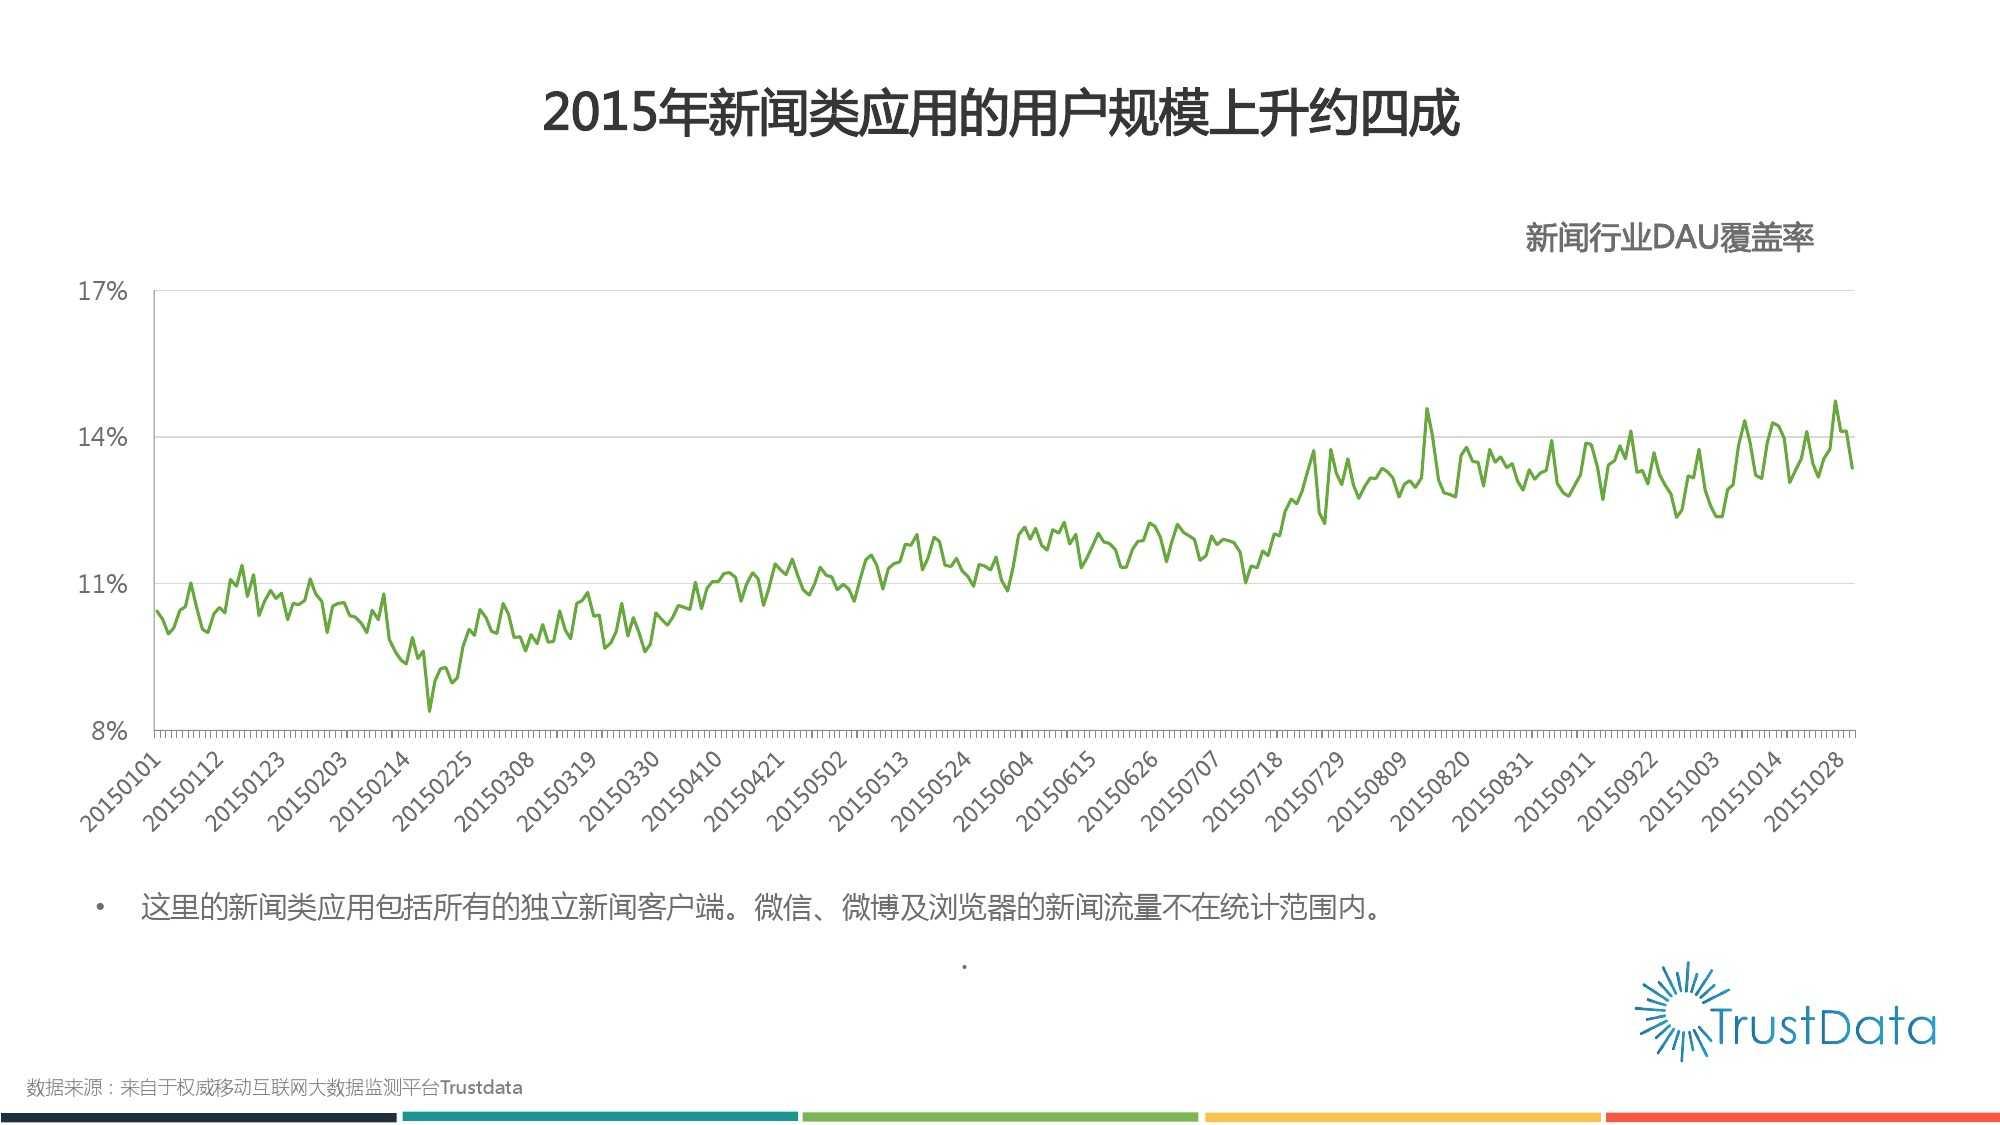 2015年1月至10月中国移动互联网新闻客户端发展分析报告 Final_000003